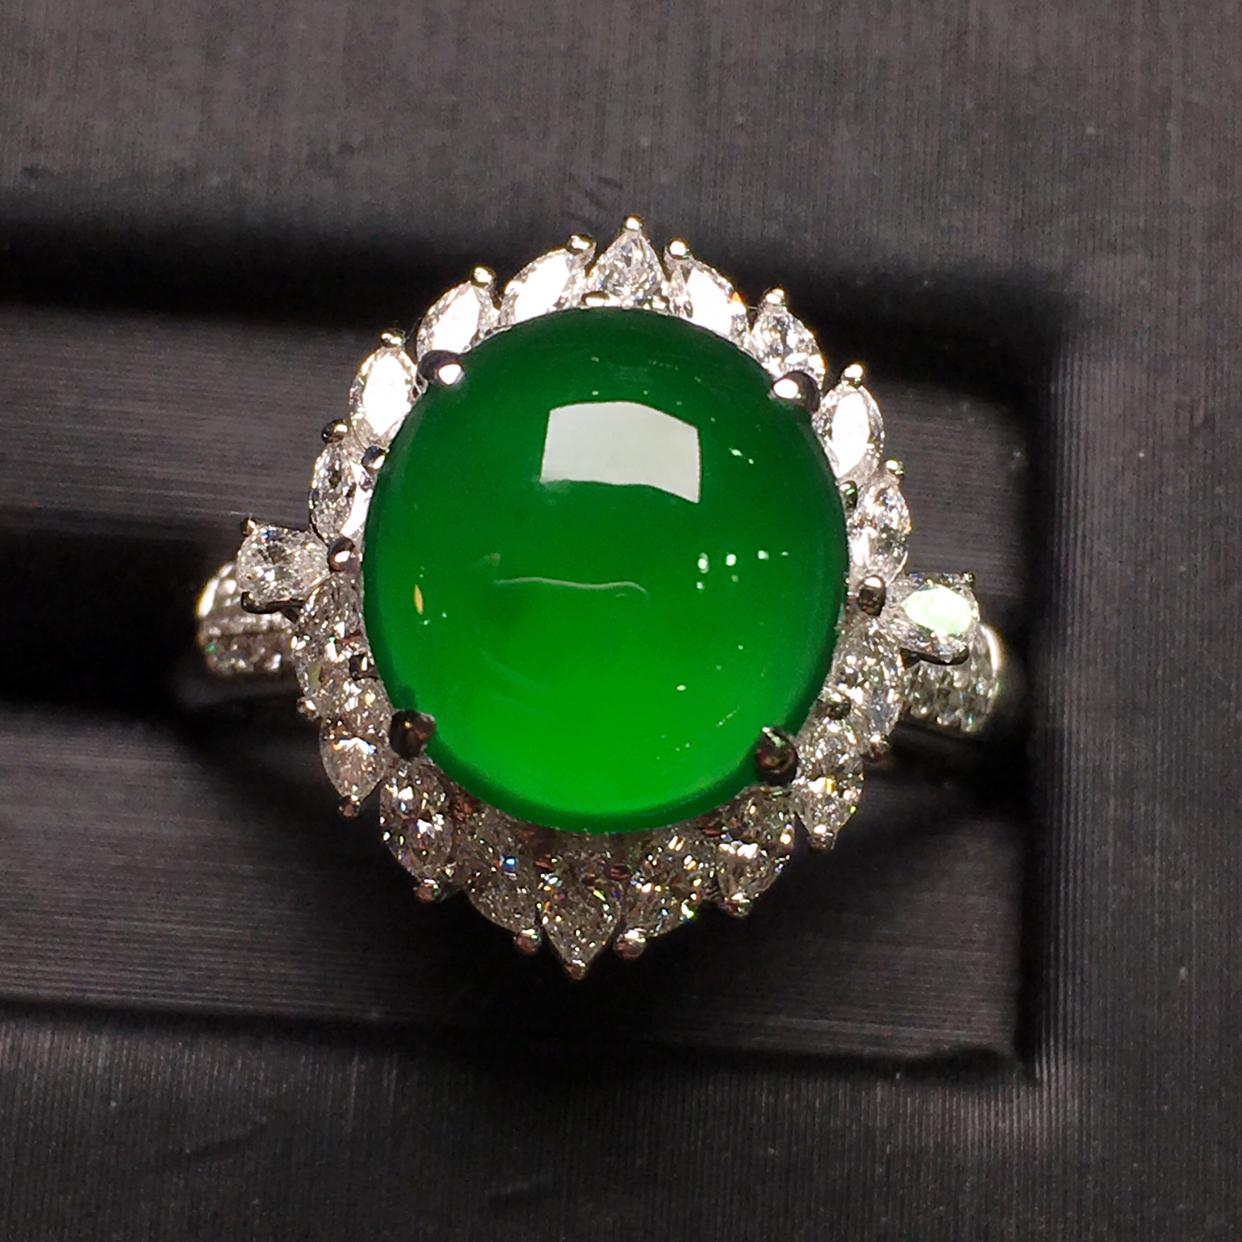 辣绿蛋面女戒指,18k金豪华镶钻,无纹无裂,种好色好,质量杠杠的,性价比超高